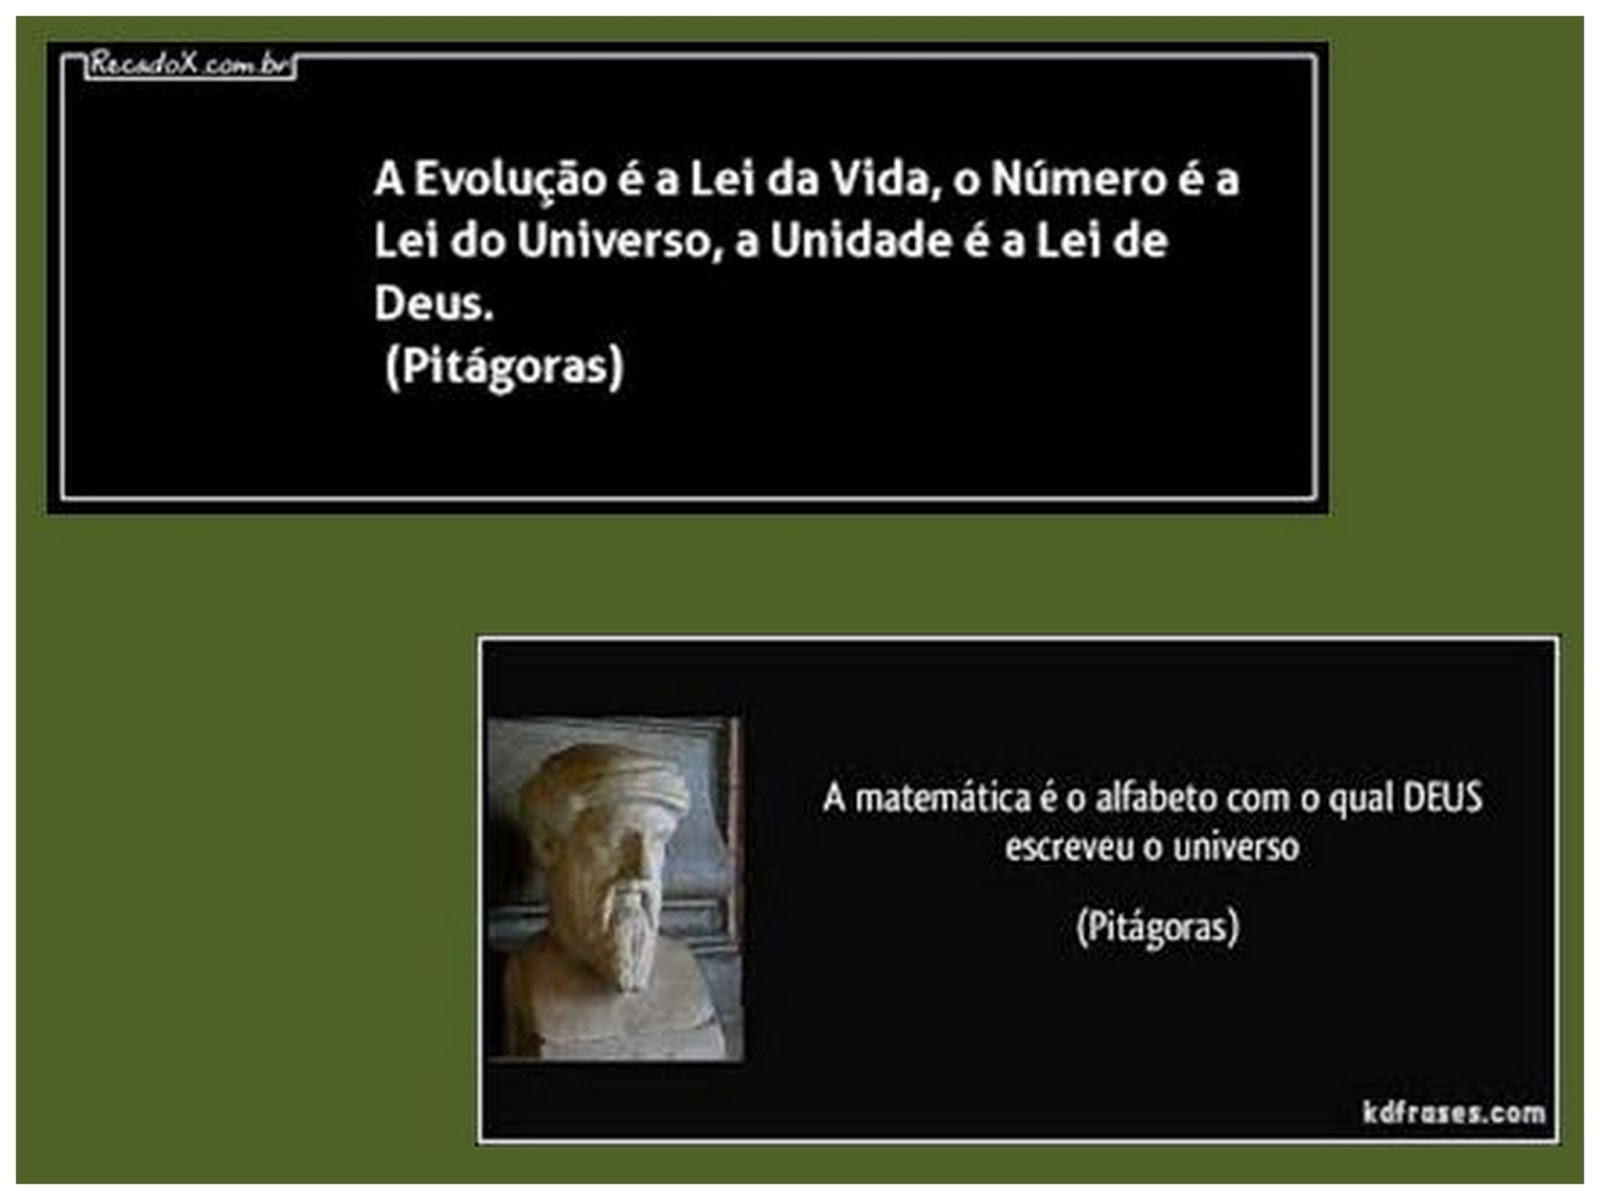 Excepcional TEOREMA DE PITÁGORAS MUSICALIZADO | E.E.SÃO GABRIEL JE35